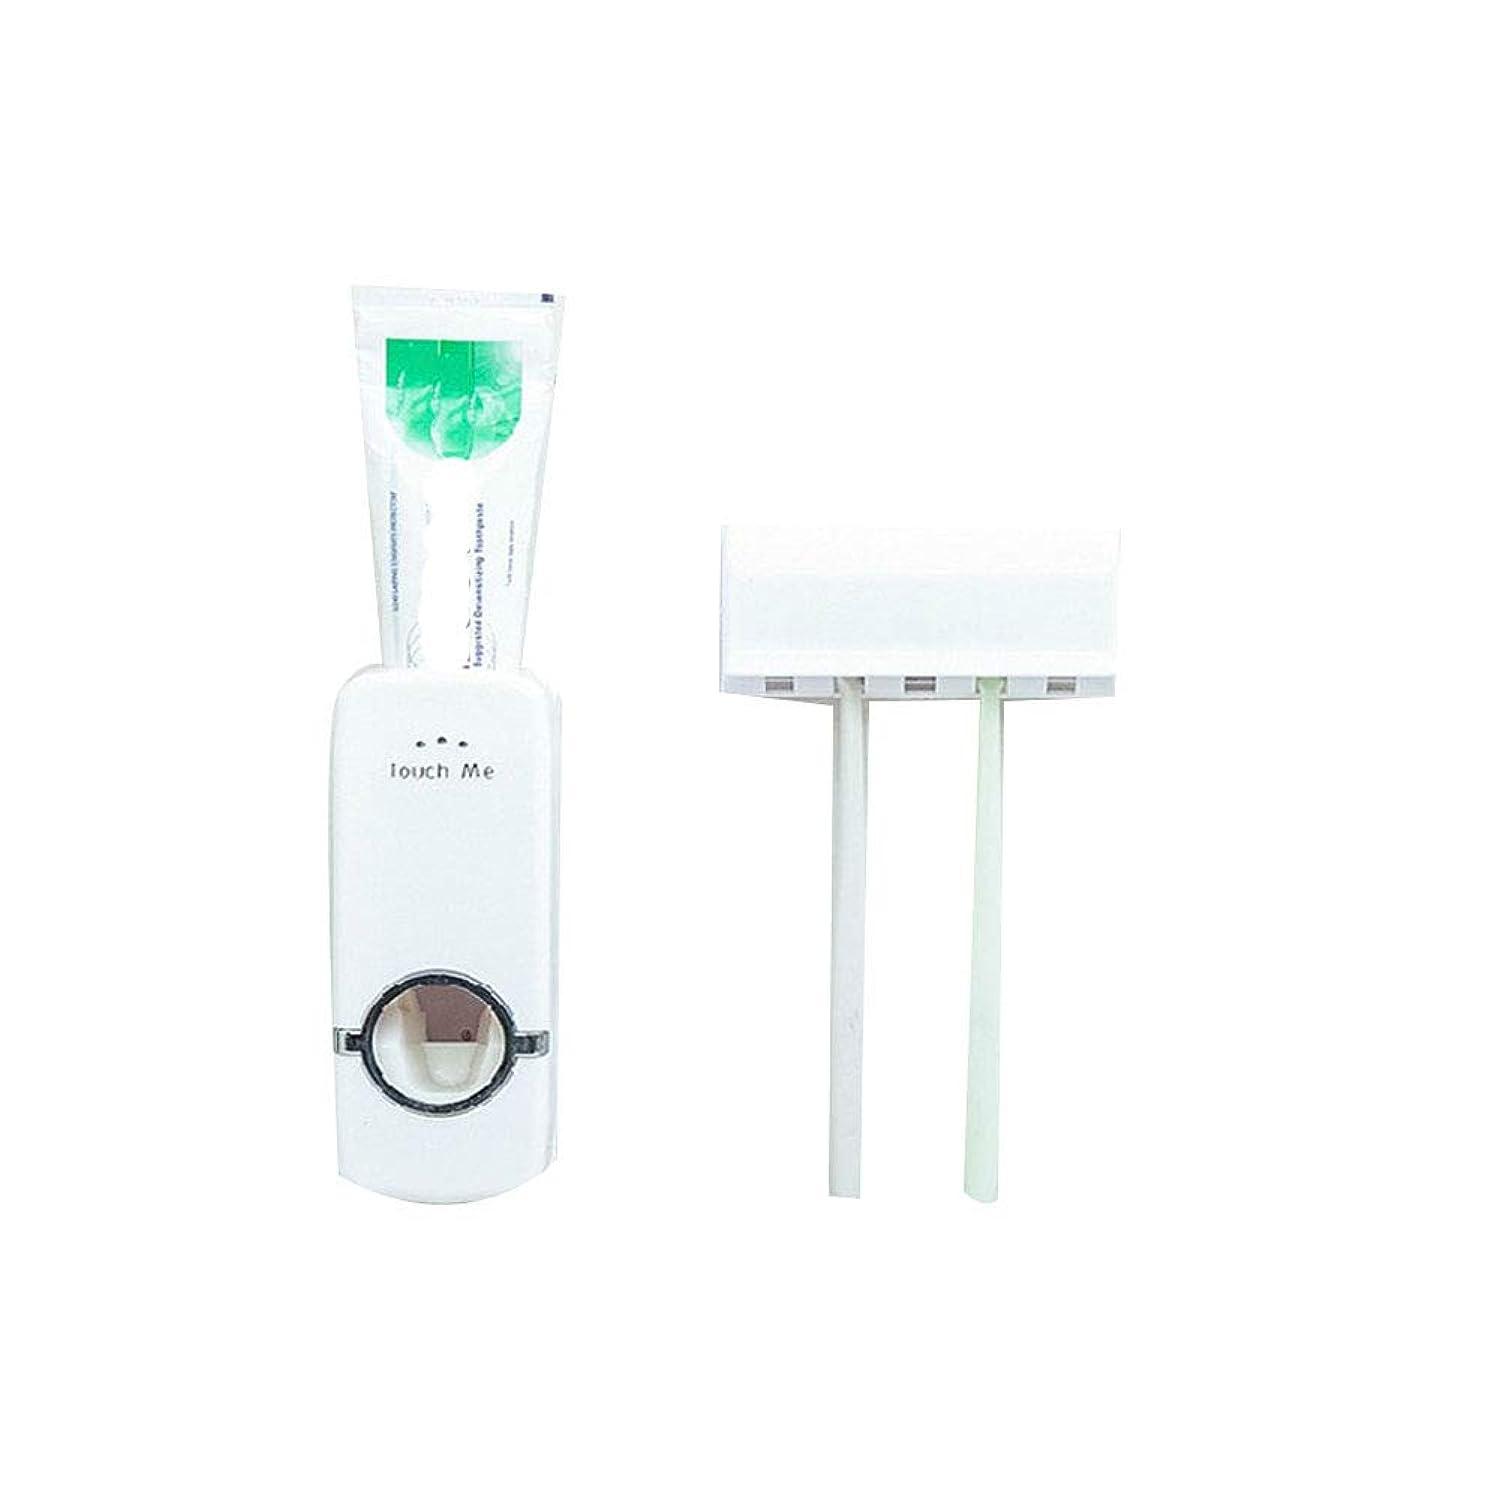 クラシック言語スワップHanCherp自動歯磨き粉ディスペンサーセット壁掛け歯ブラシホルダー歯磨き粉ホルダー吸引壁ラック歯磨き粉スクイーザ